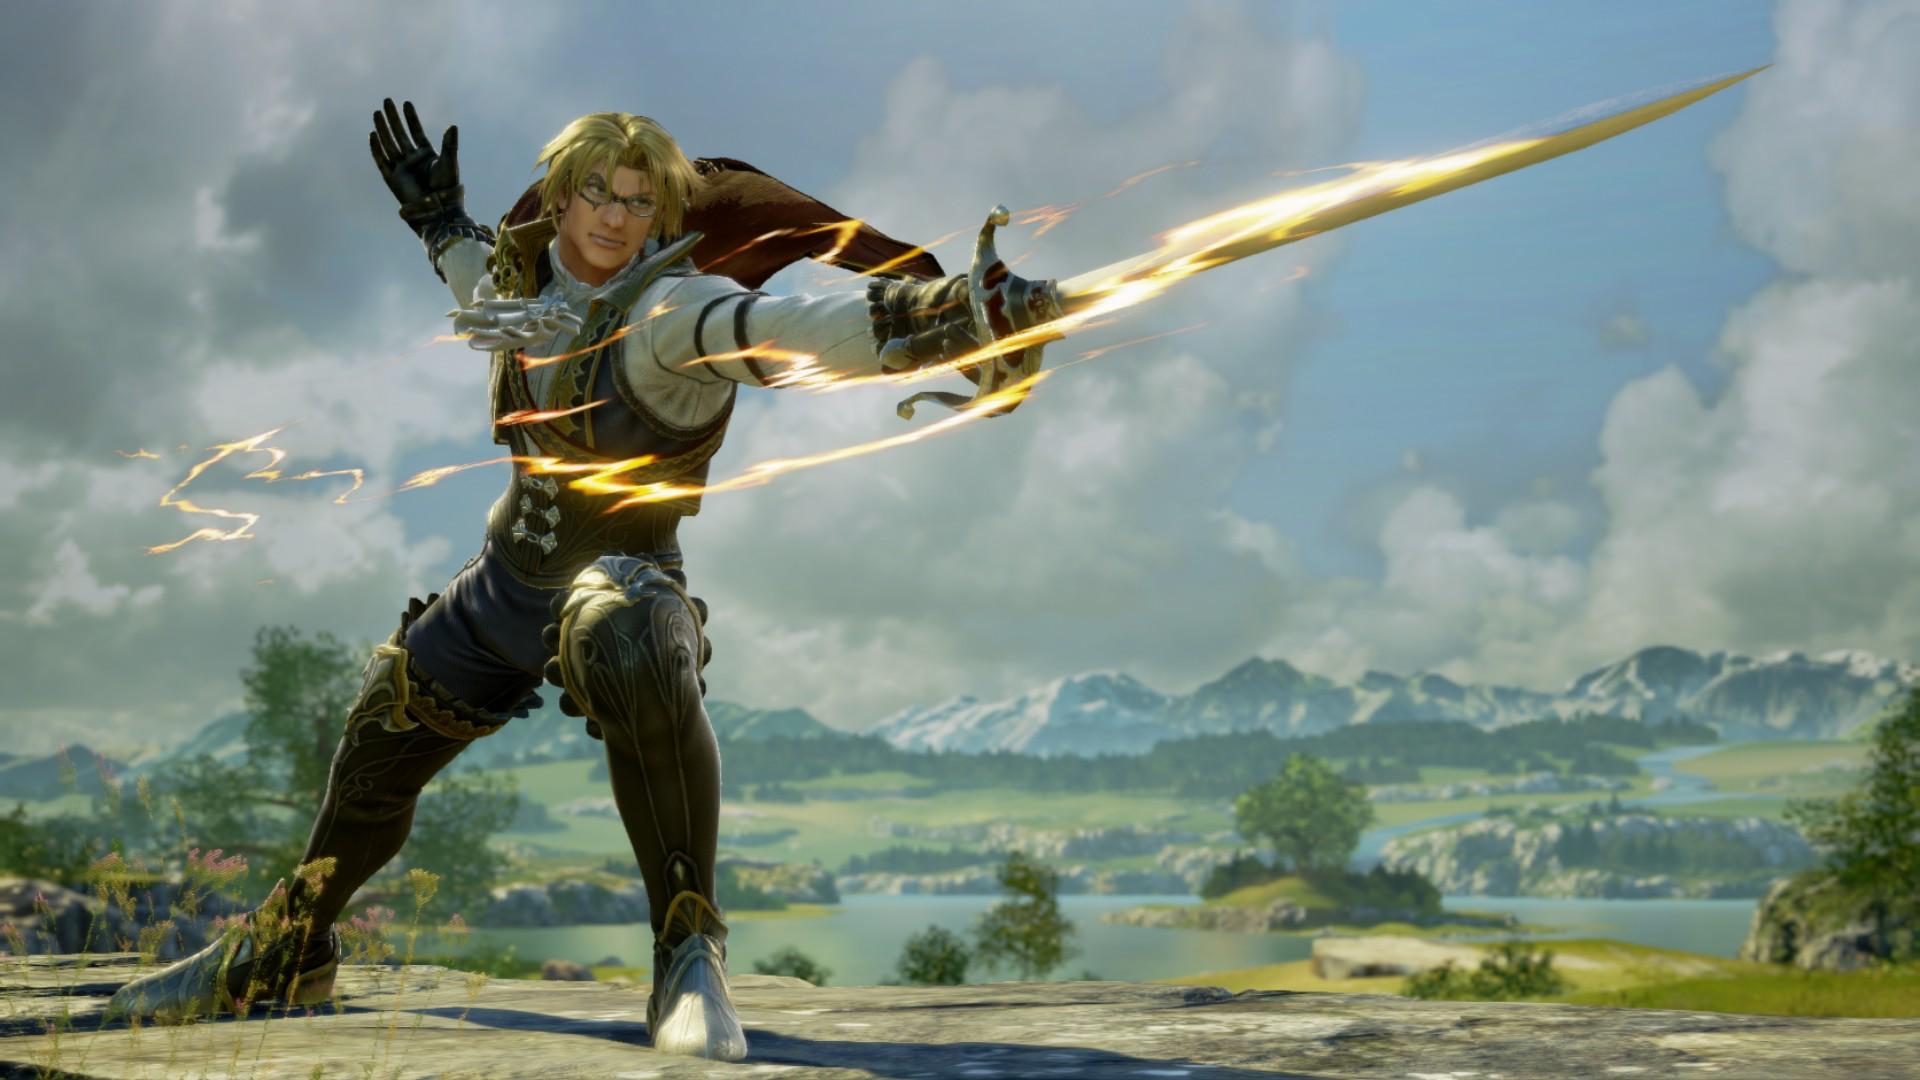 《灵魂能力6》网络测试已开始 游戏已可进行预载